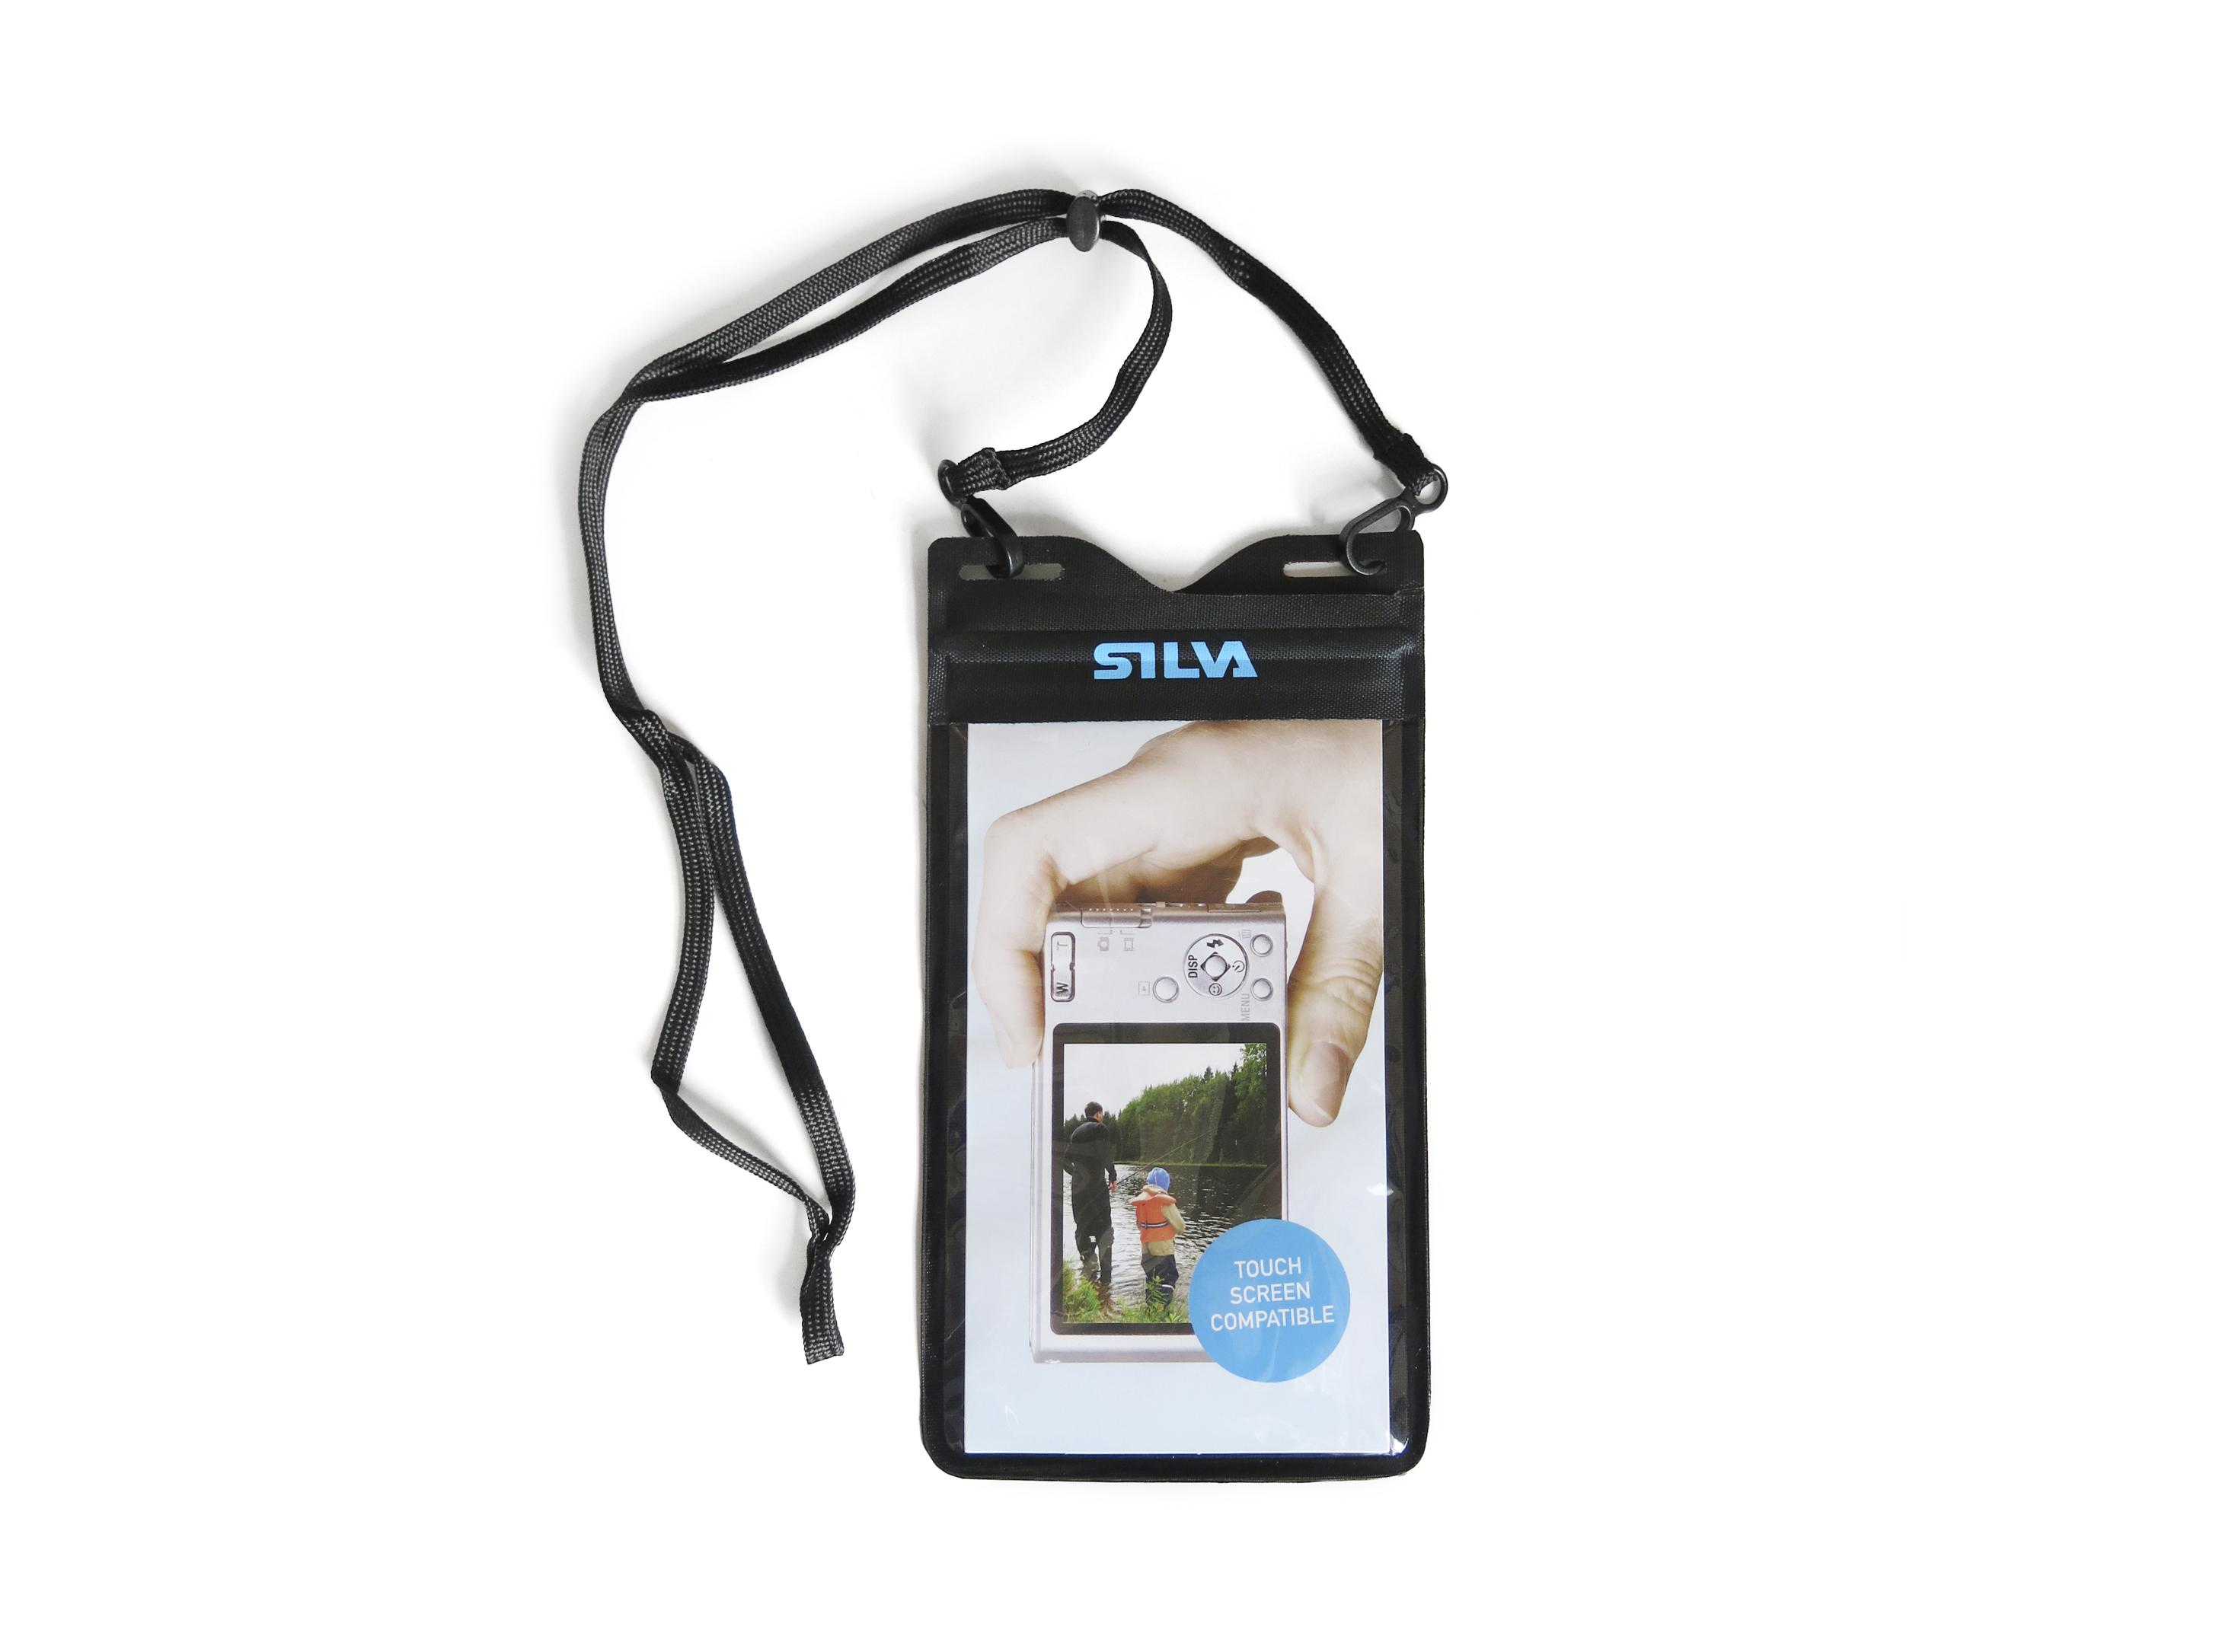 d2c146df129 Veekindel tahvelarvuti ümbris Silva Dry Cases M - GPS.EE